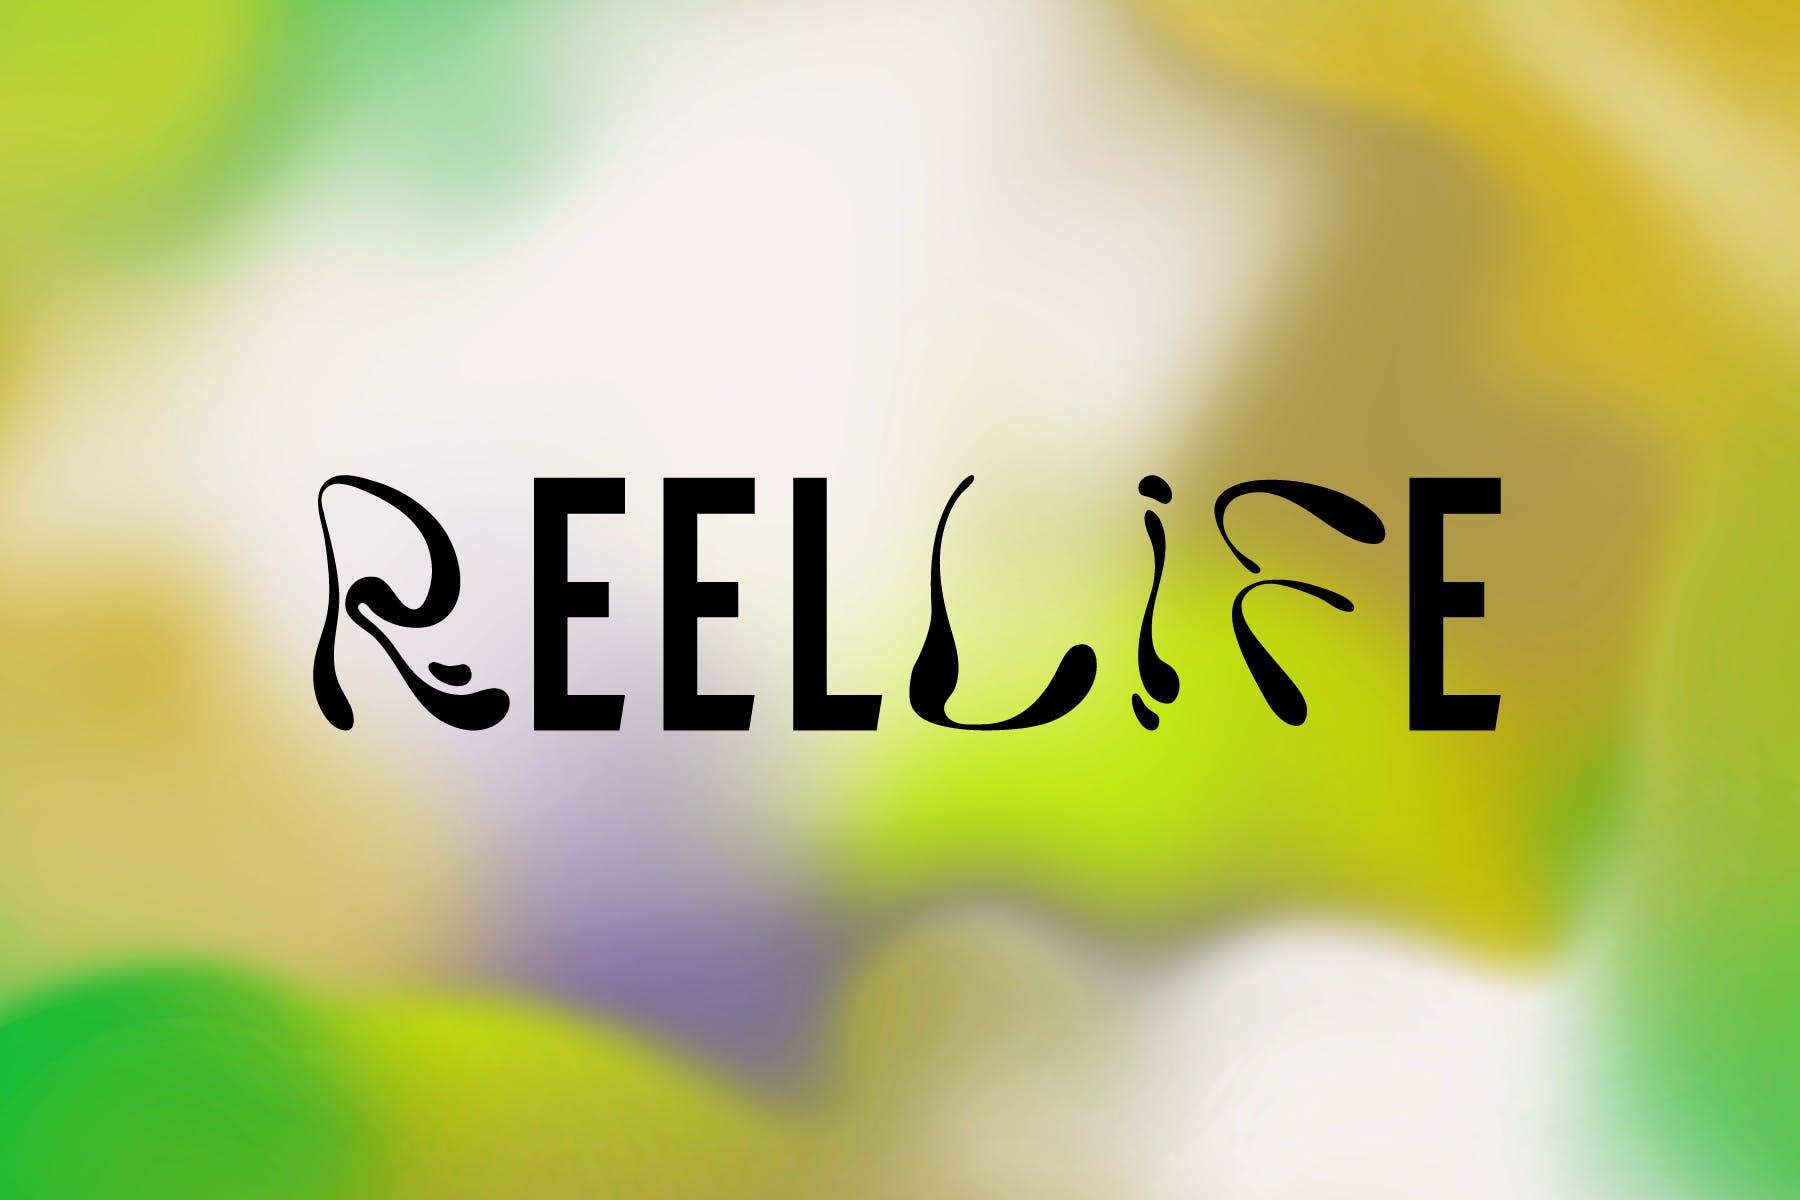 Reelife logo